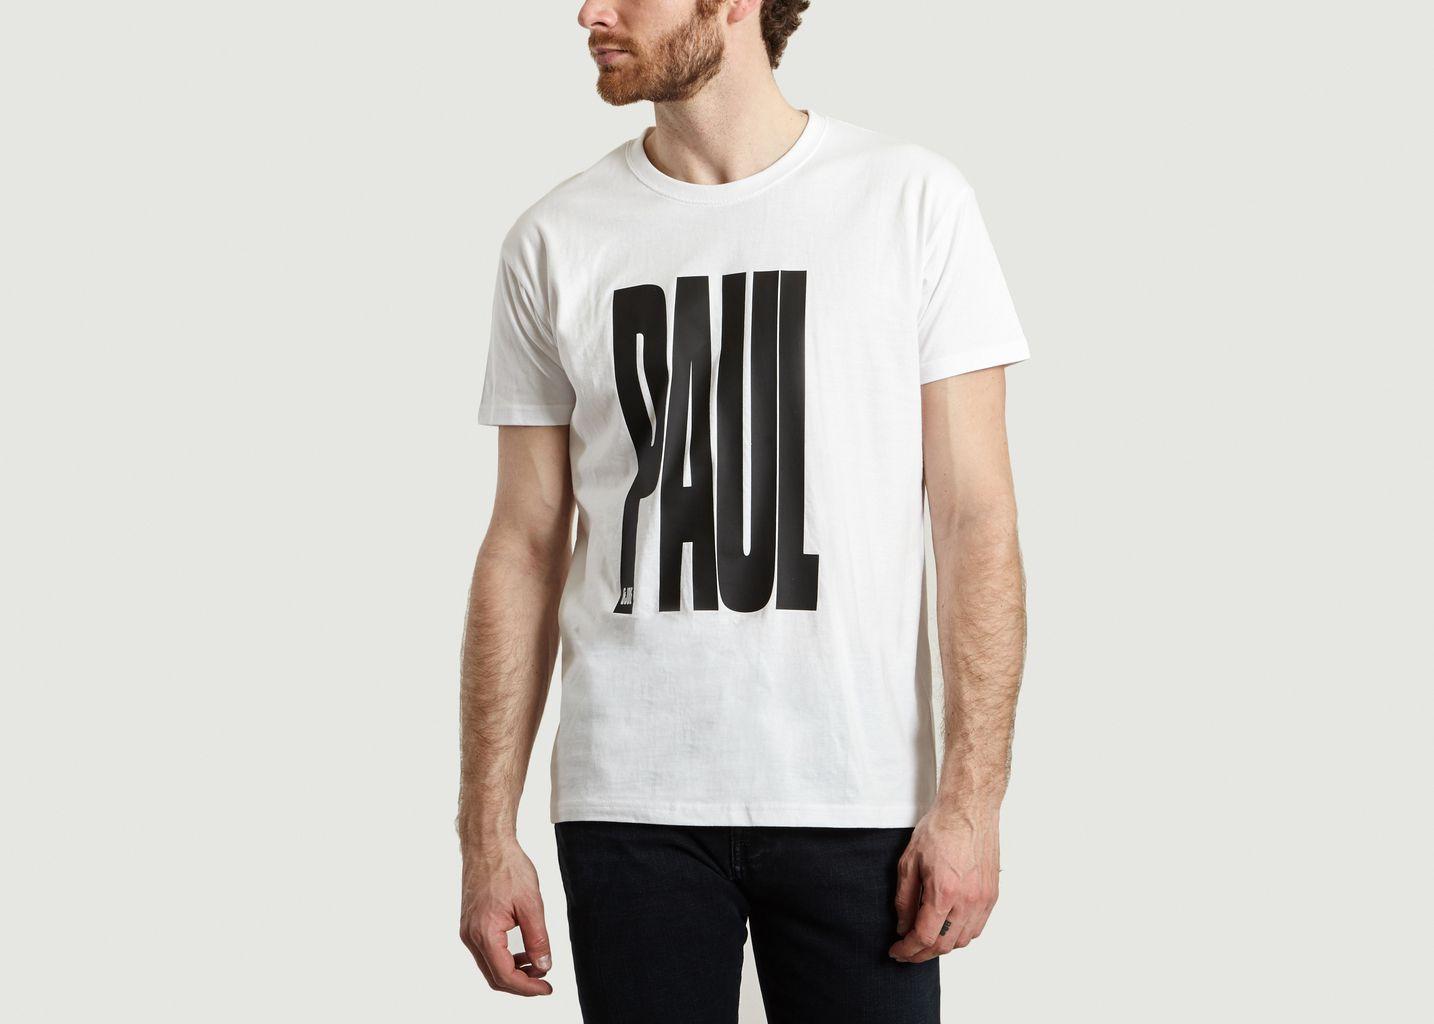 Tshirt Grandpaul - Paul & Joe